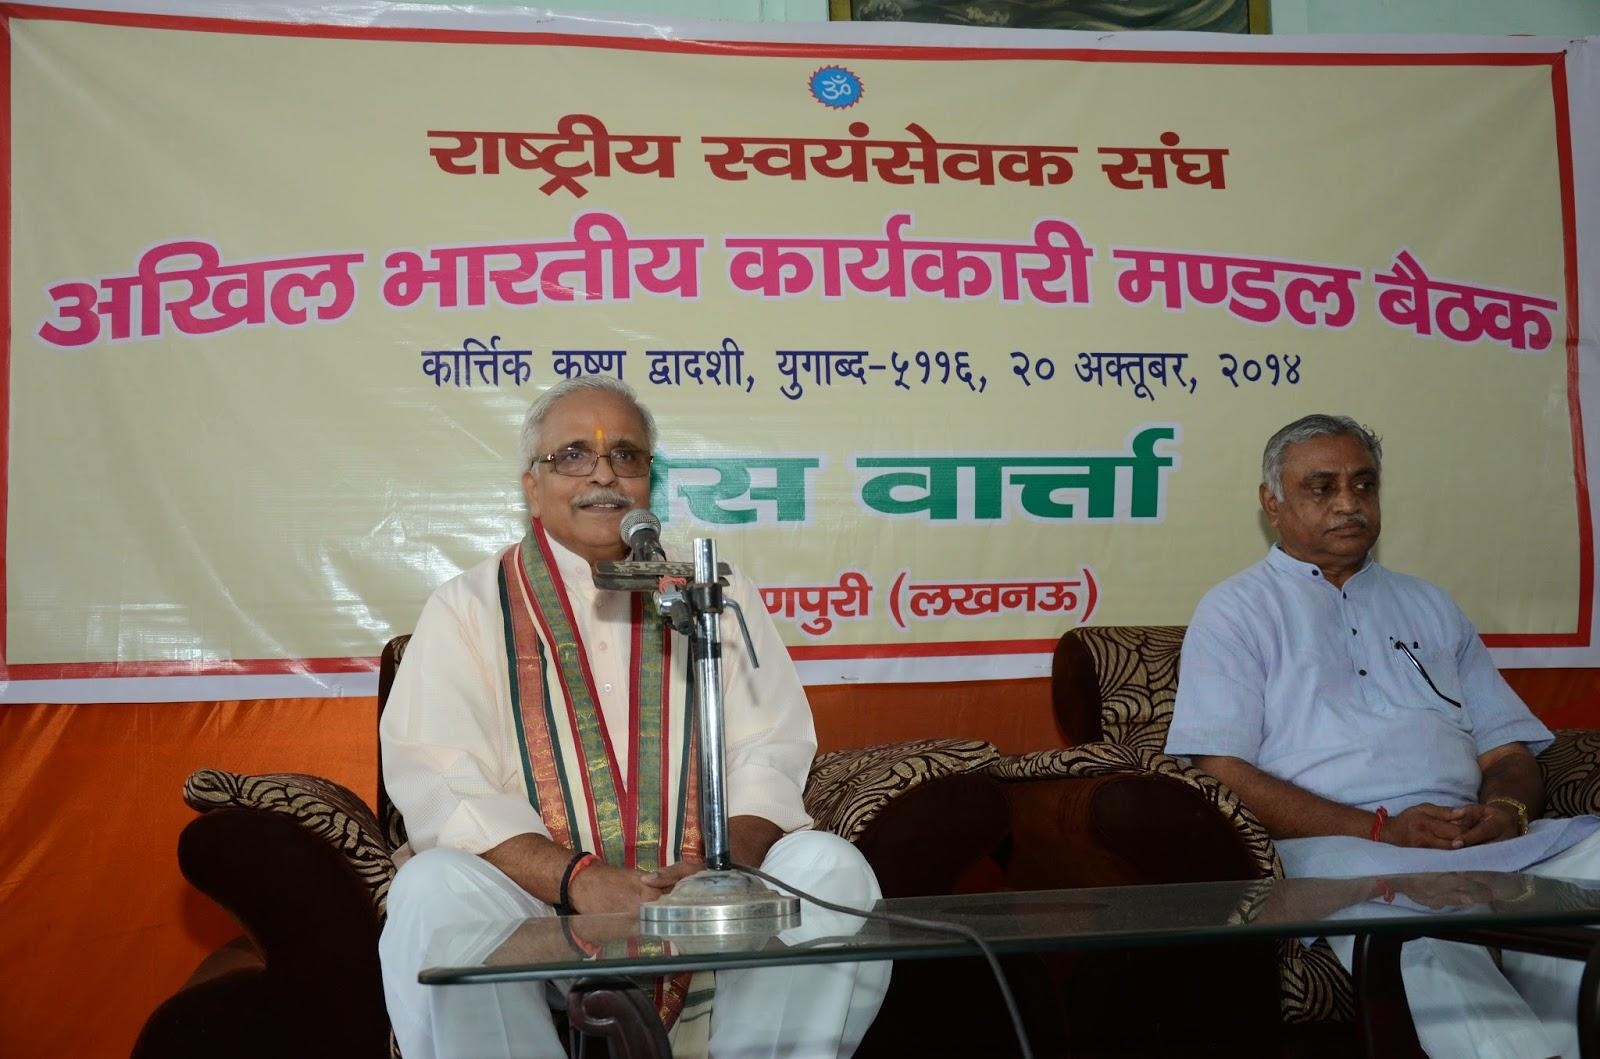 RSS Sarkarwah Shri Sureshji Joshi with Akhil Bharteeya Prachar Pramukh Manmohan Vaidhya(1)